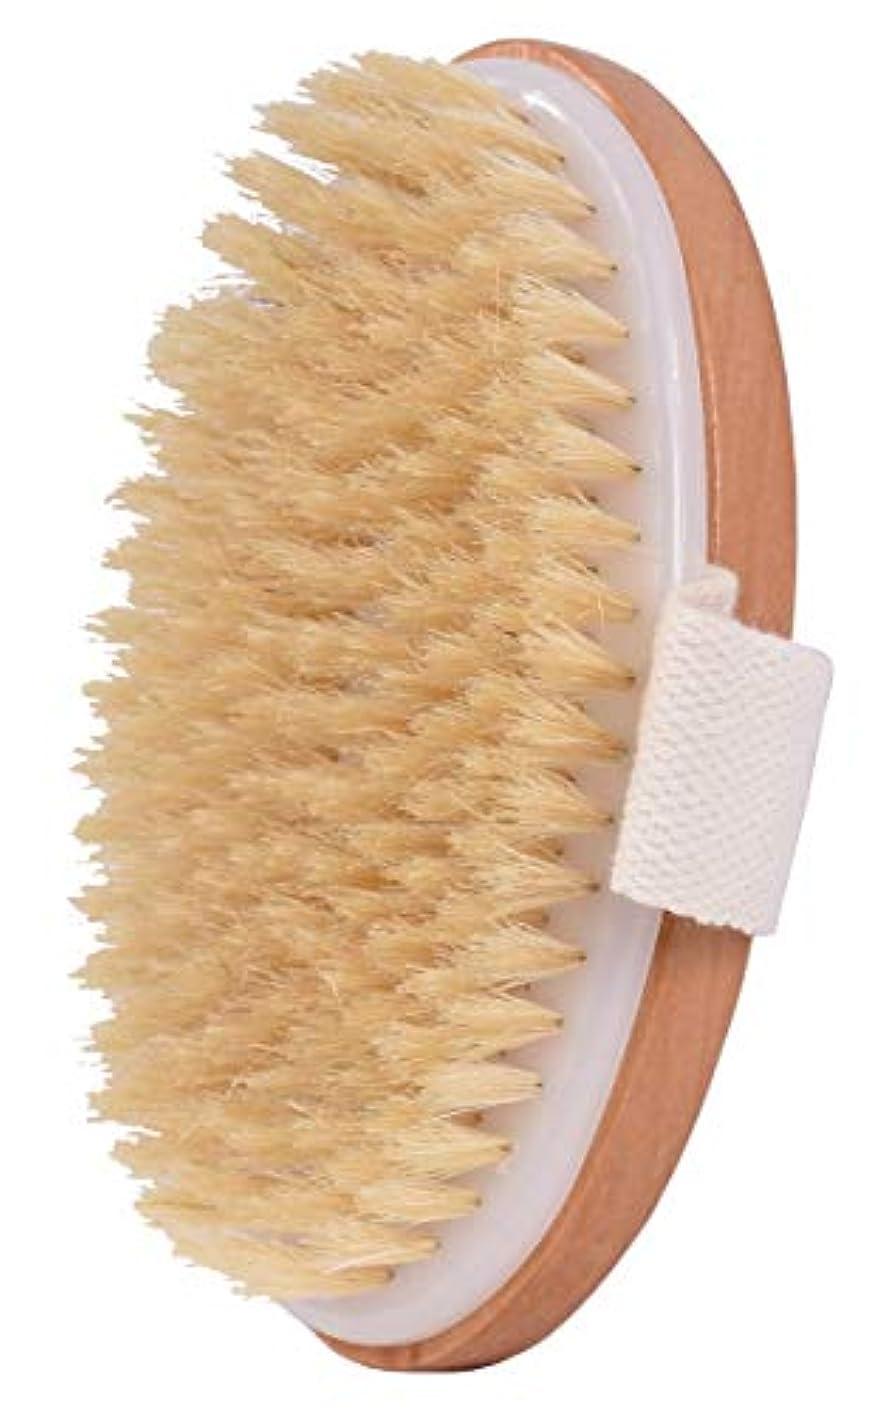 証書ピニオンするだろうボディブラシ 100%天然高級な豚毛マッサージ バス用品 竹製シャワーブラシ お風呂用体洗い角質除去 美肌効果 血液循環を改善し、健康と美容に良い